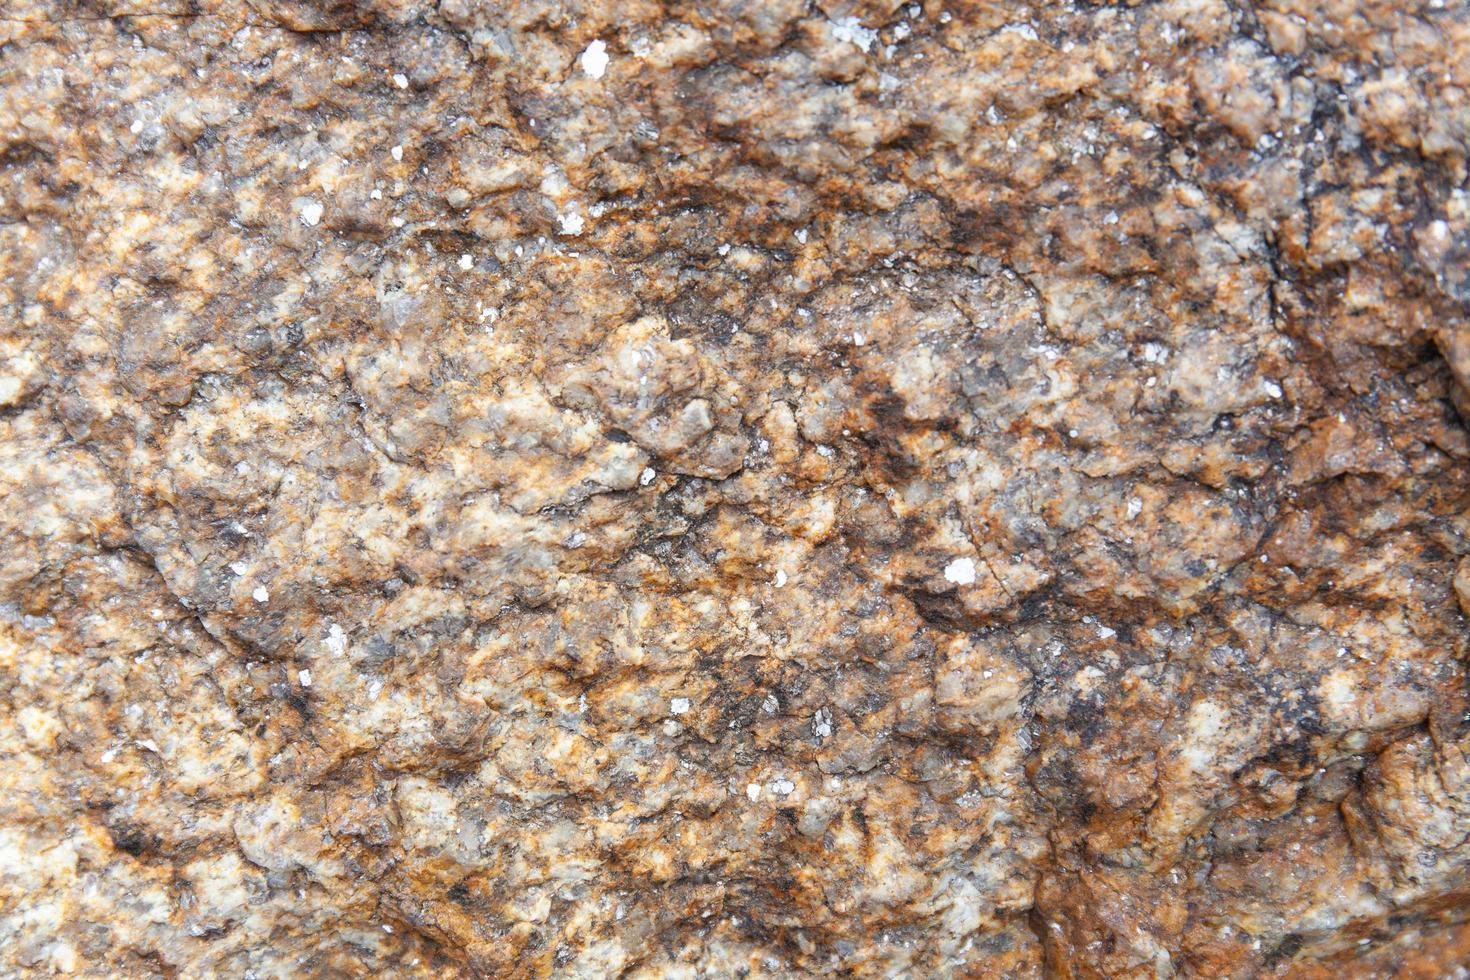 natura astratta grunge texture di sfondo di roccia di granito marrone scuro. foto